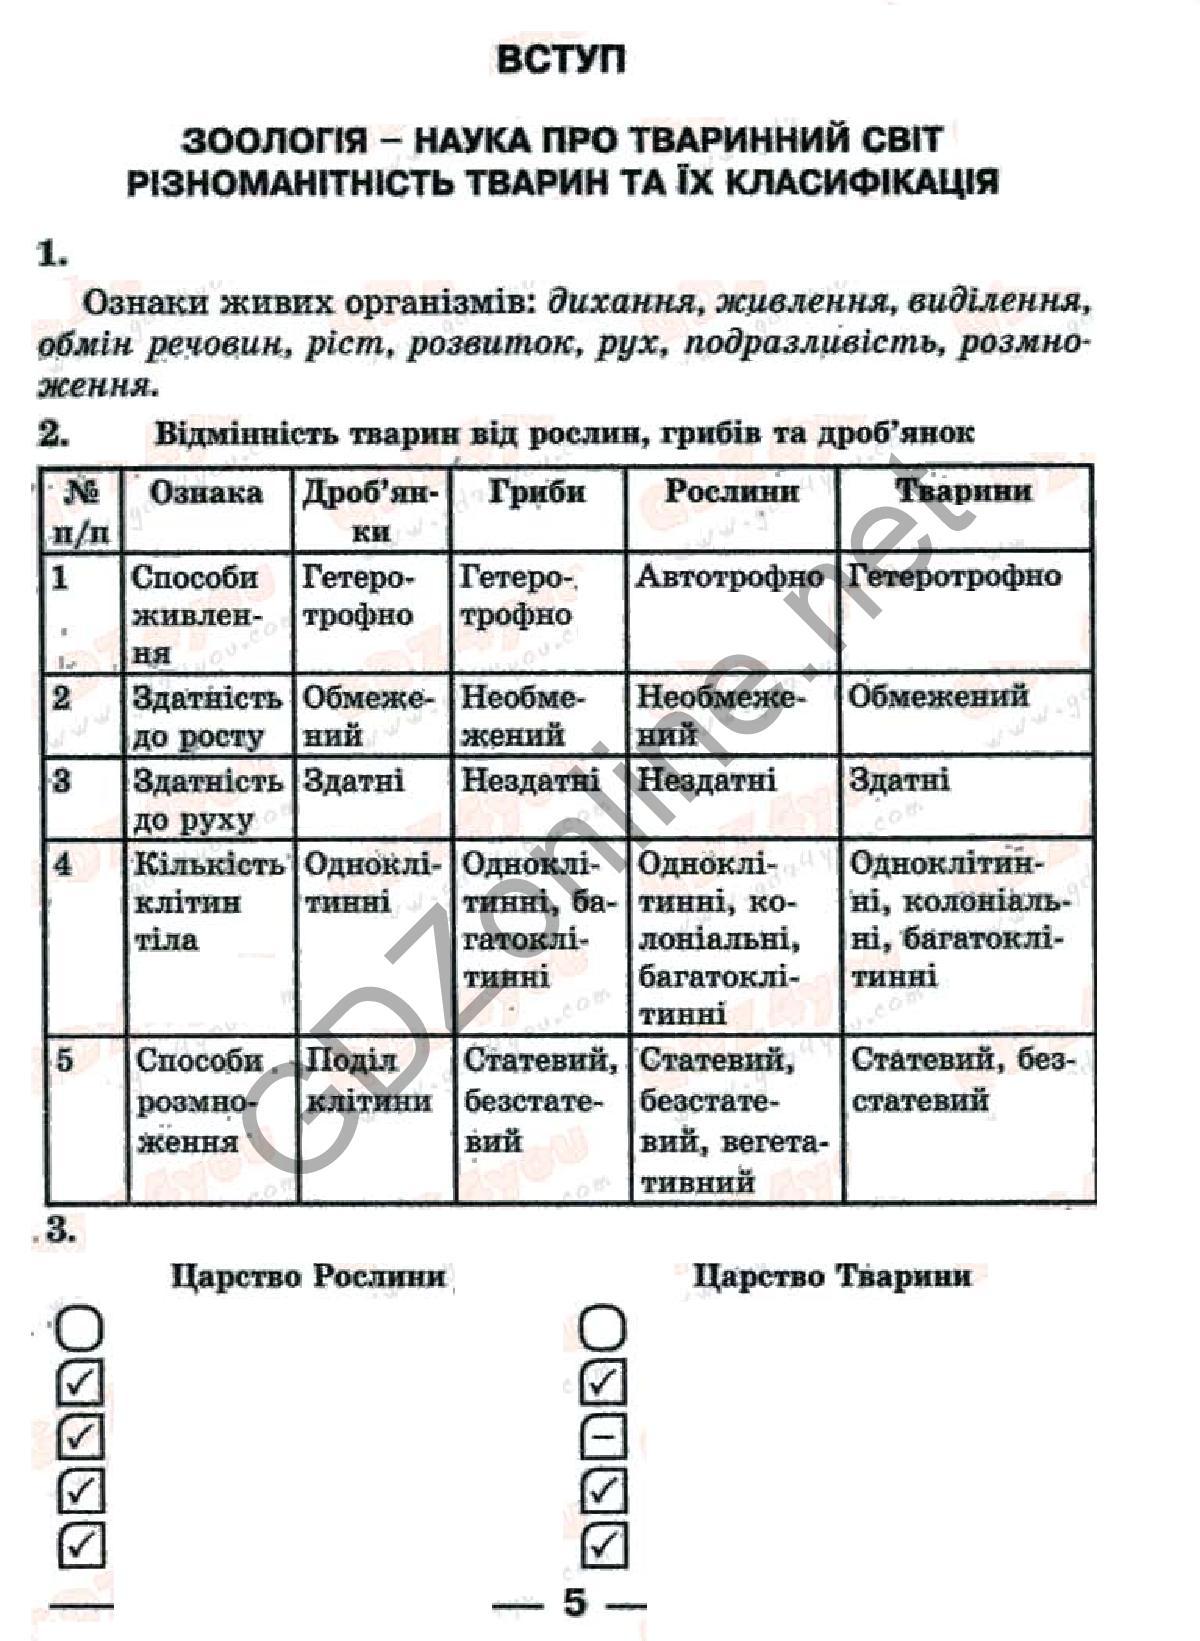 Биология 7 класс рабочая тетрадь ответы т.с.котик гдз